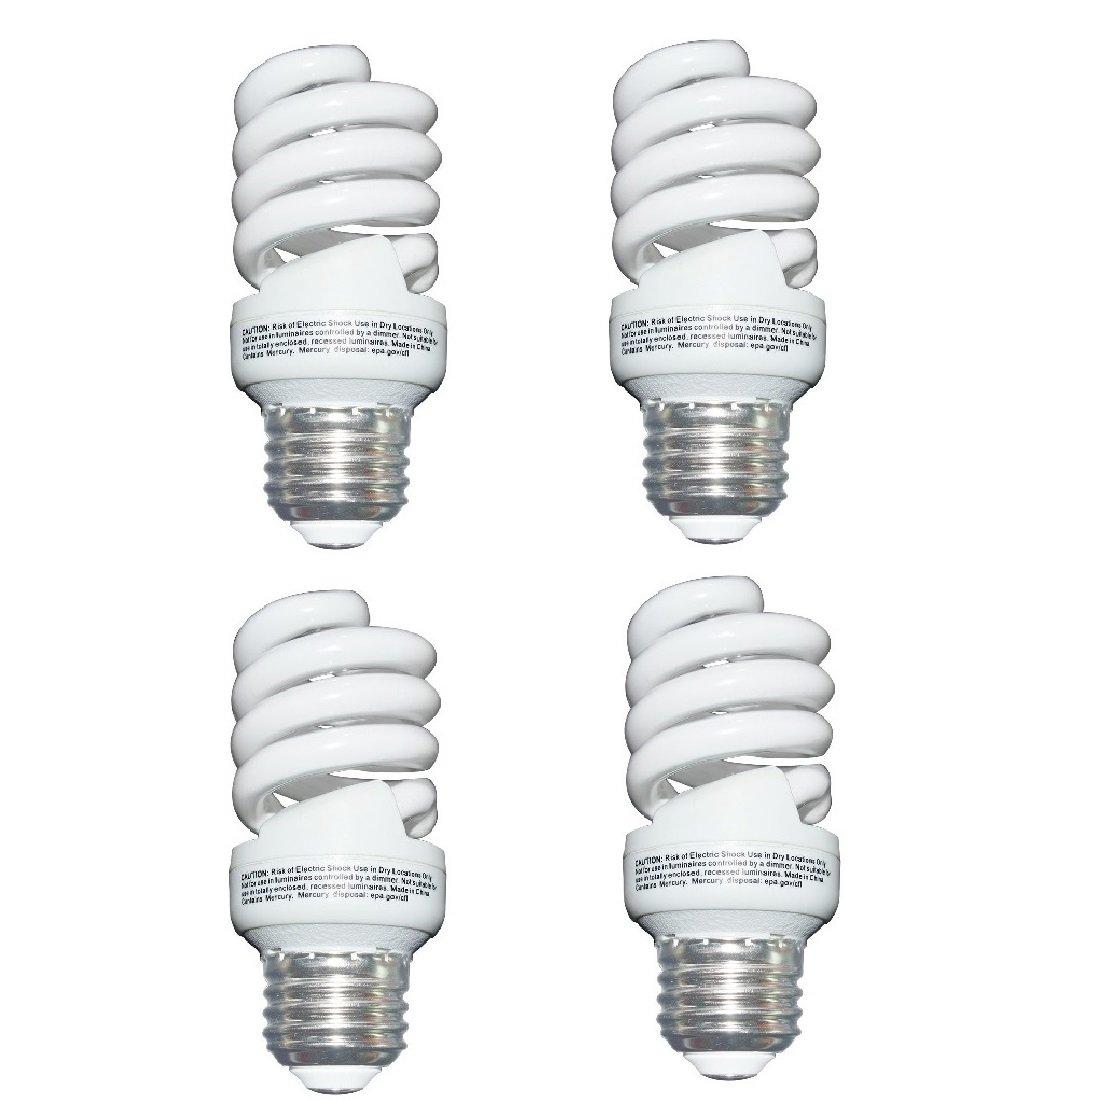 13 Watt 60 Watt Compact Fluorescent Light Soft White 2700K 1040LM Spiral Medium Base CFL Light Bulbs 4 Pack